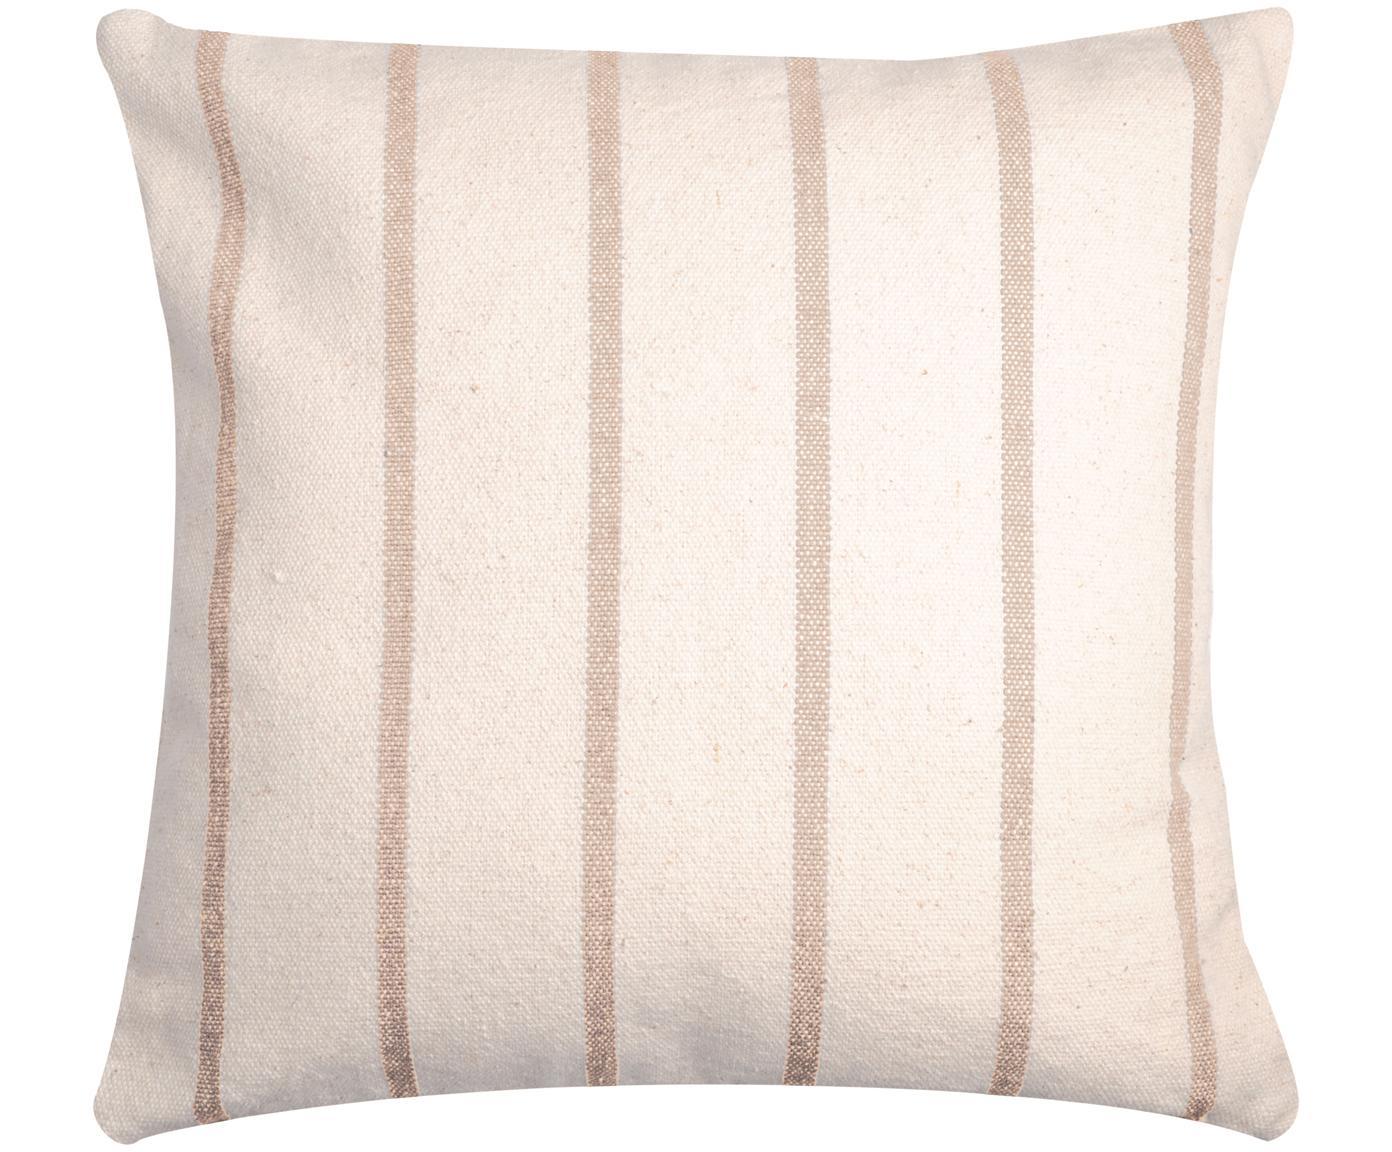 Poduszka Pampelonne, Tapicerka: bawełna, Beżowy, złamana biel, S 50 x D 50 cm